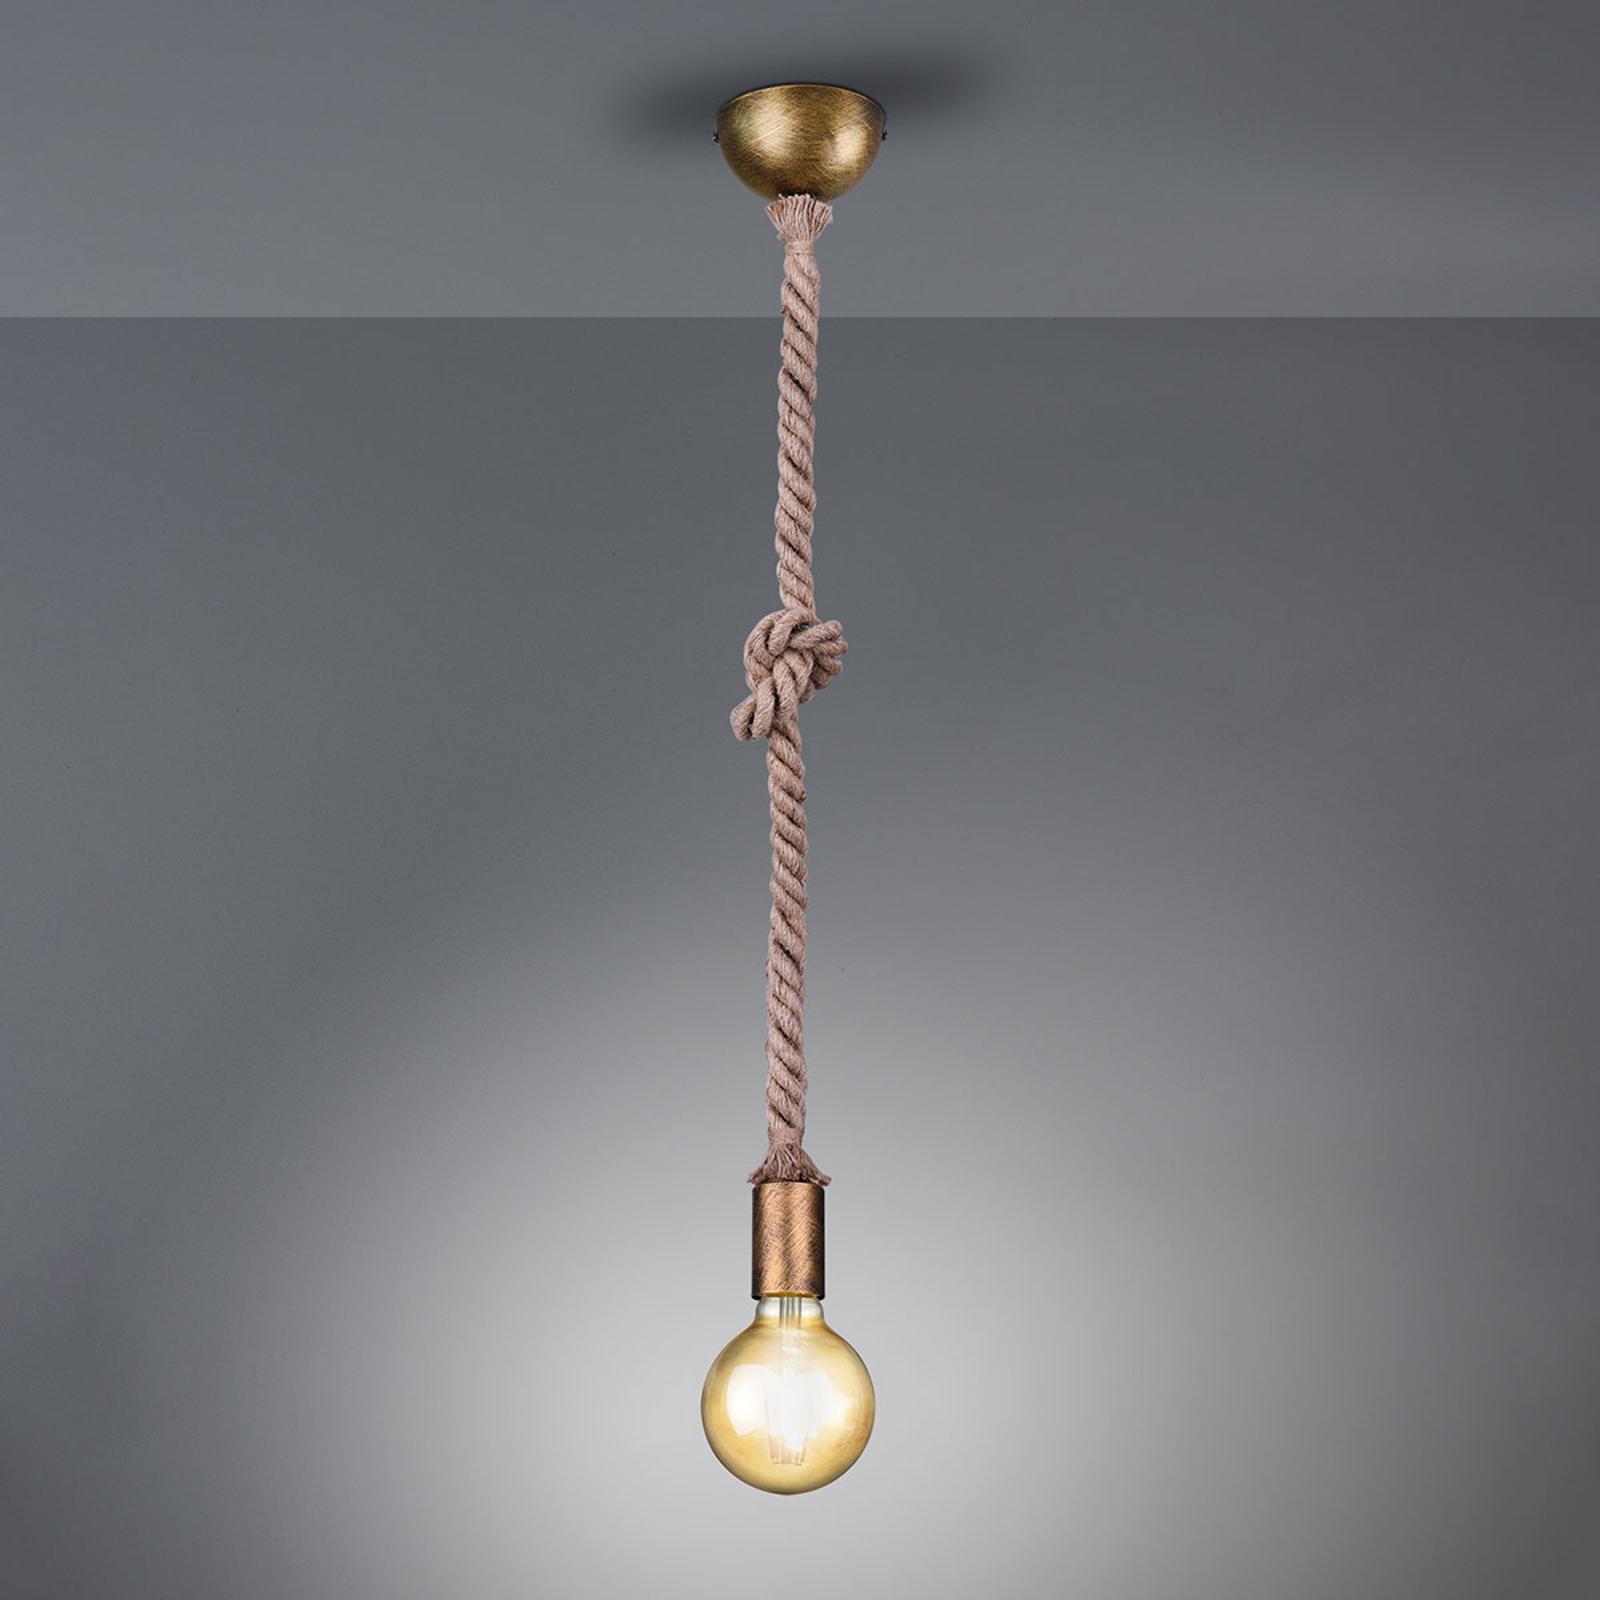 Pendellampa Rope med dekorativt rep 1 lampa